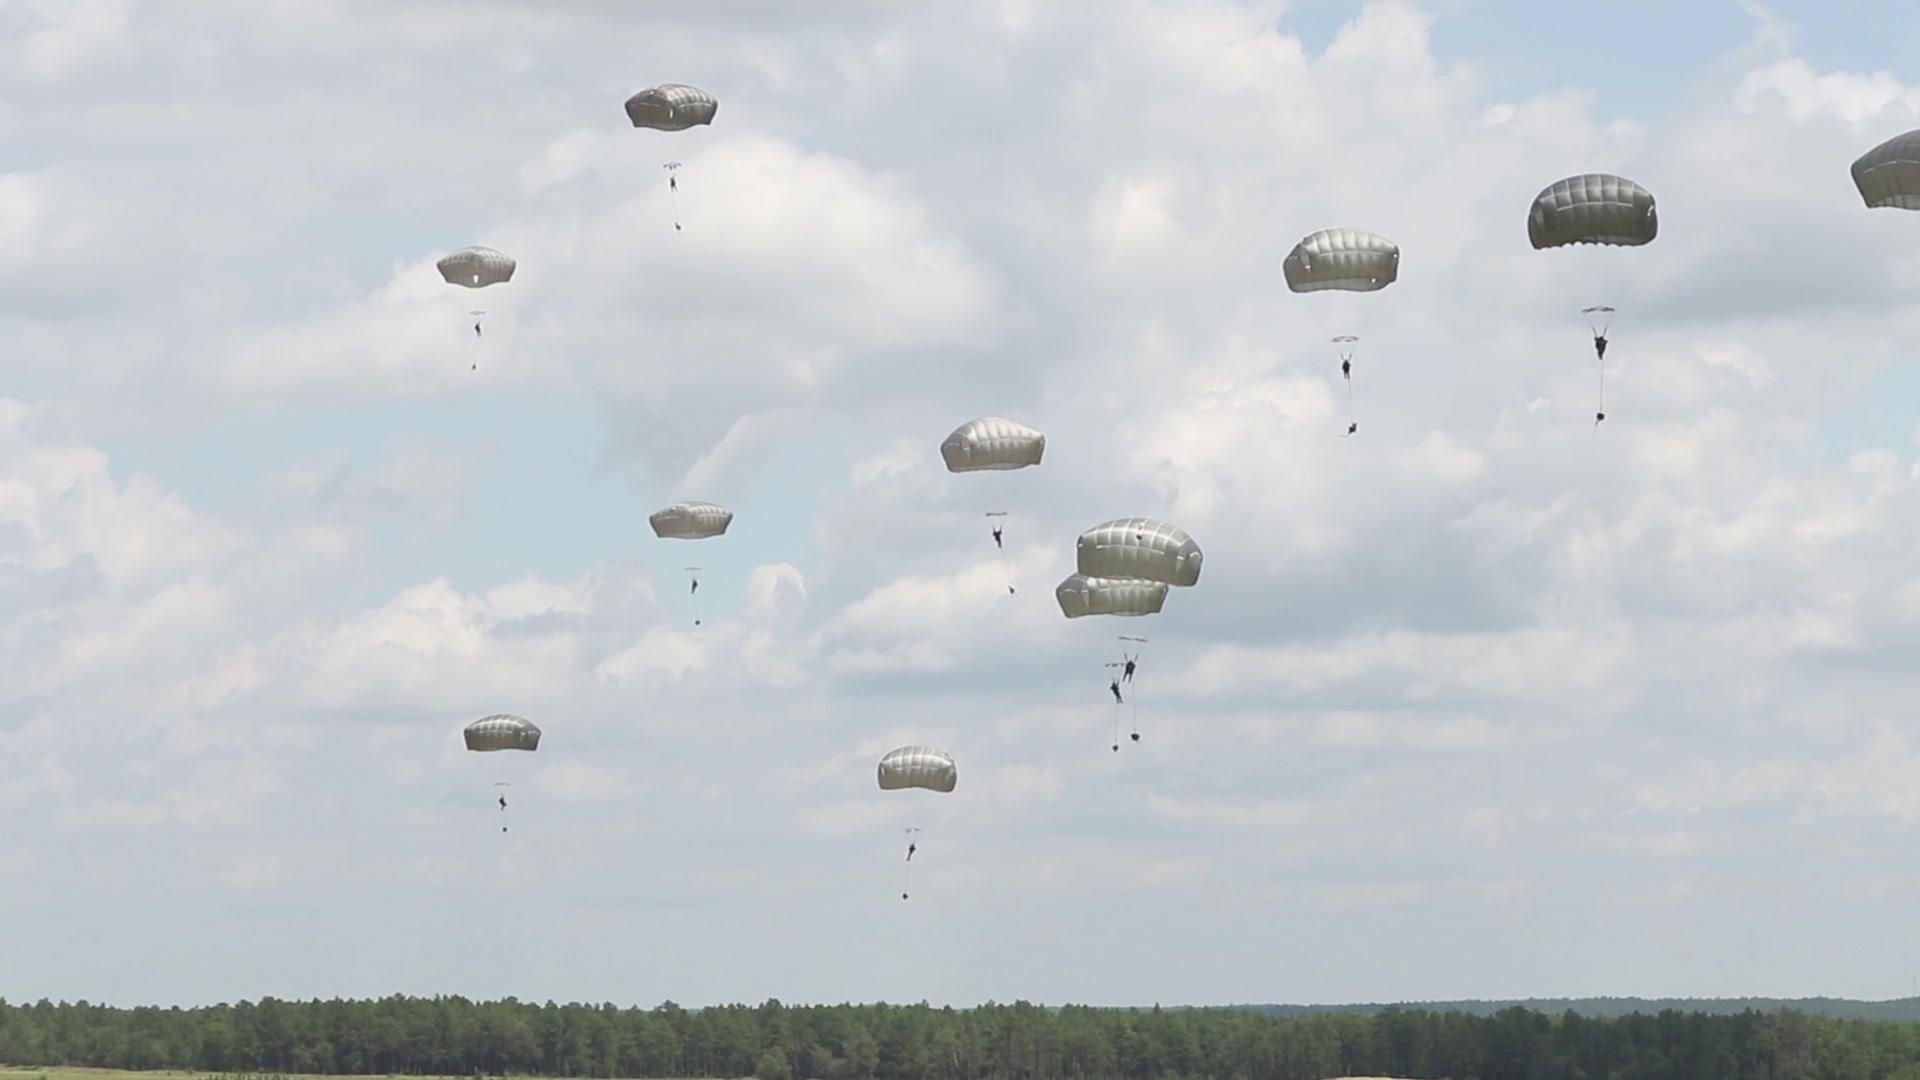 Modern Paratrooper jumps for historical demonstration team